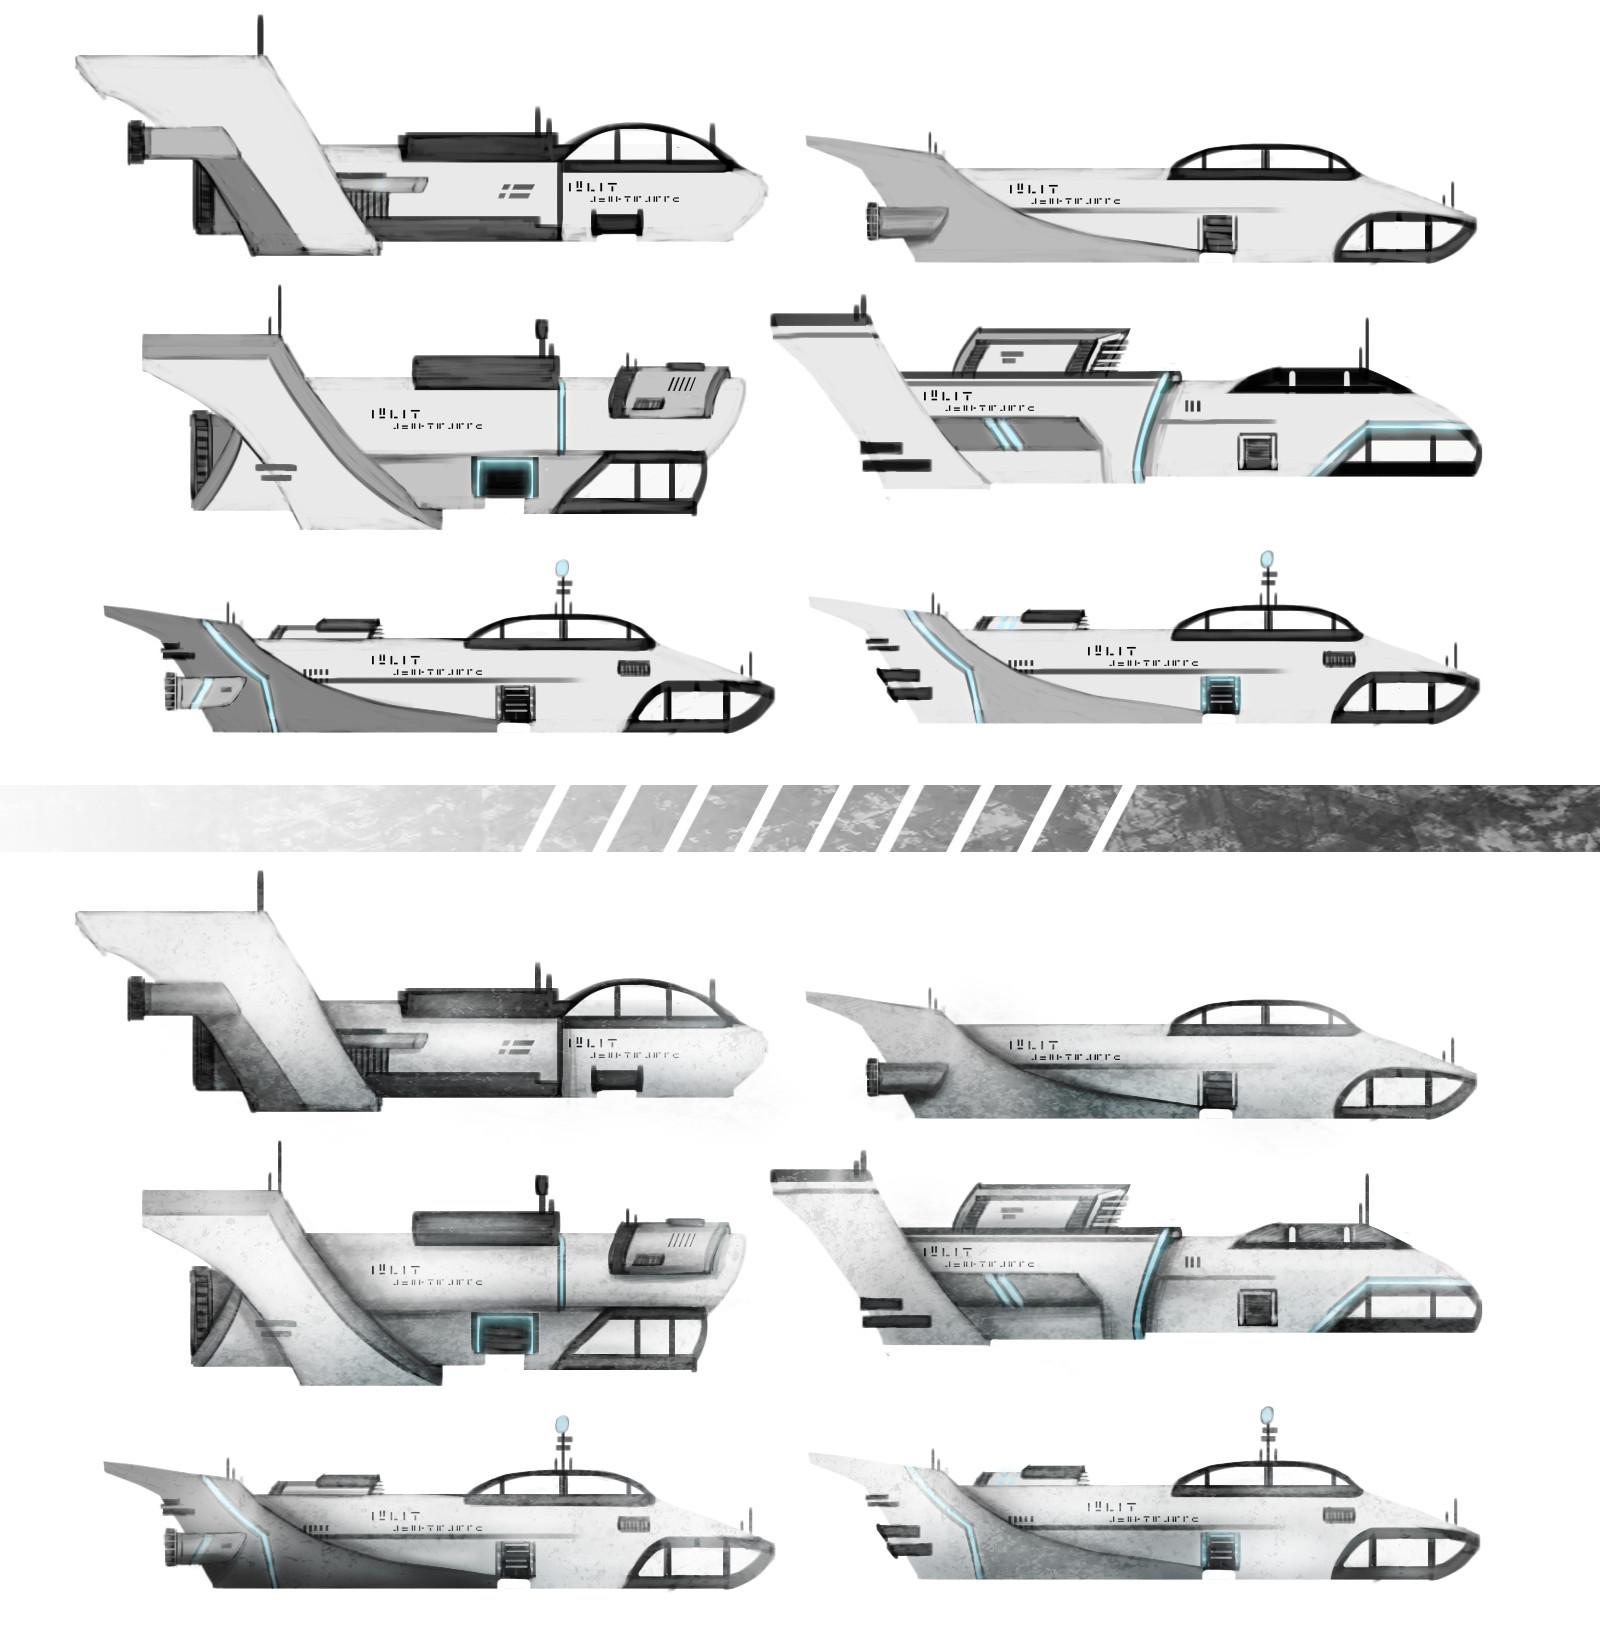 Marie razny ships concept5 by kina axian d8zvhod2